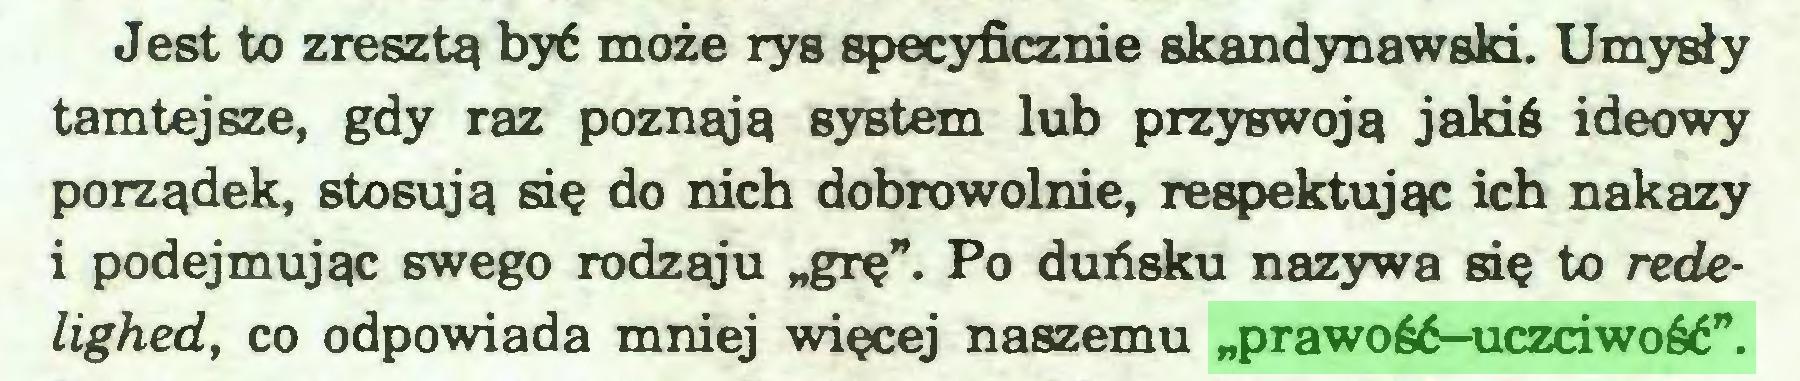 """(...) Jest to zresztą być może rys specyficznie skandynawski. Umysły tamtejsze, gdy raz poznąją system lub przyswoją jakiś ideowy porządek, stosują się do nich dobrowolnie, respektując ich nakazy i podejmując swego rodząju """"grę"""". Po duńsku nazywa się to redelighed, co odpowiada mniej więcej naszemu """"prawość-uczciwość""""..."""